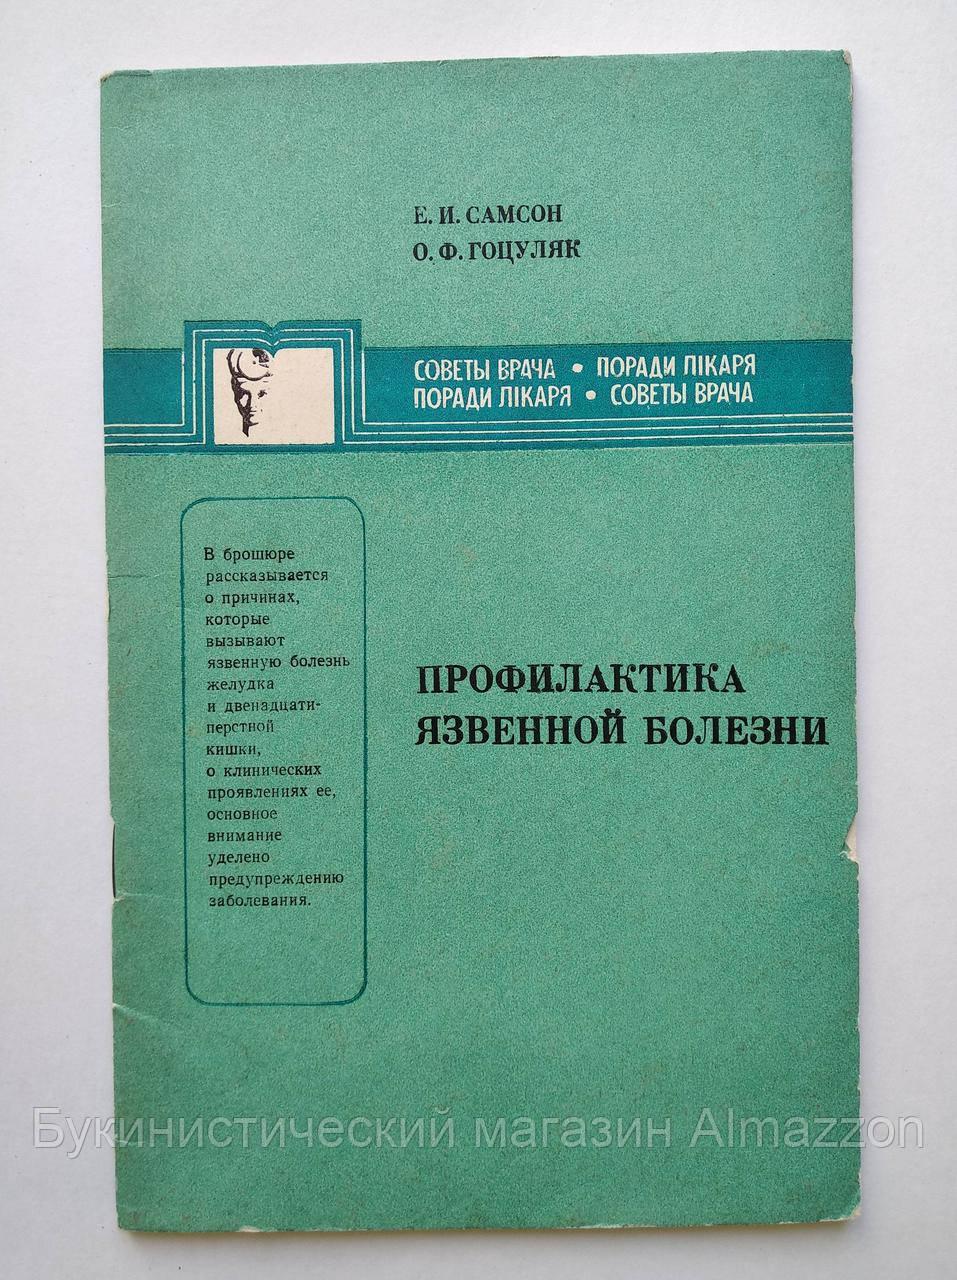 Е.Самсон Профилактика язвенной болезни